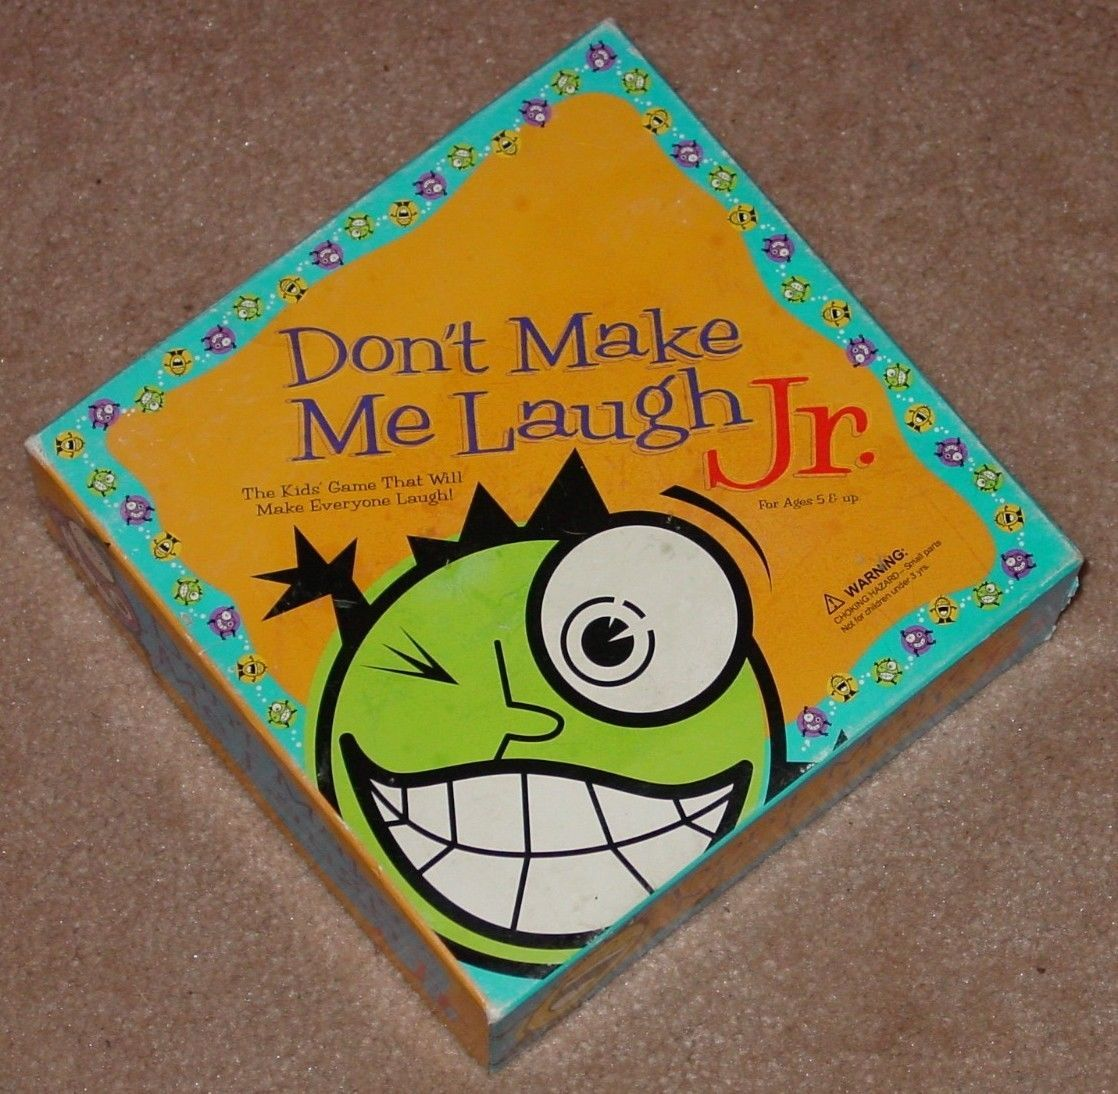 Dont Make Me Laugh Jr Instructions